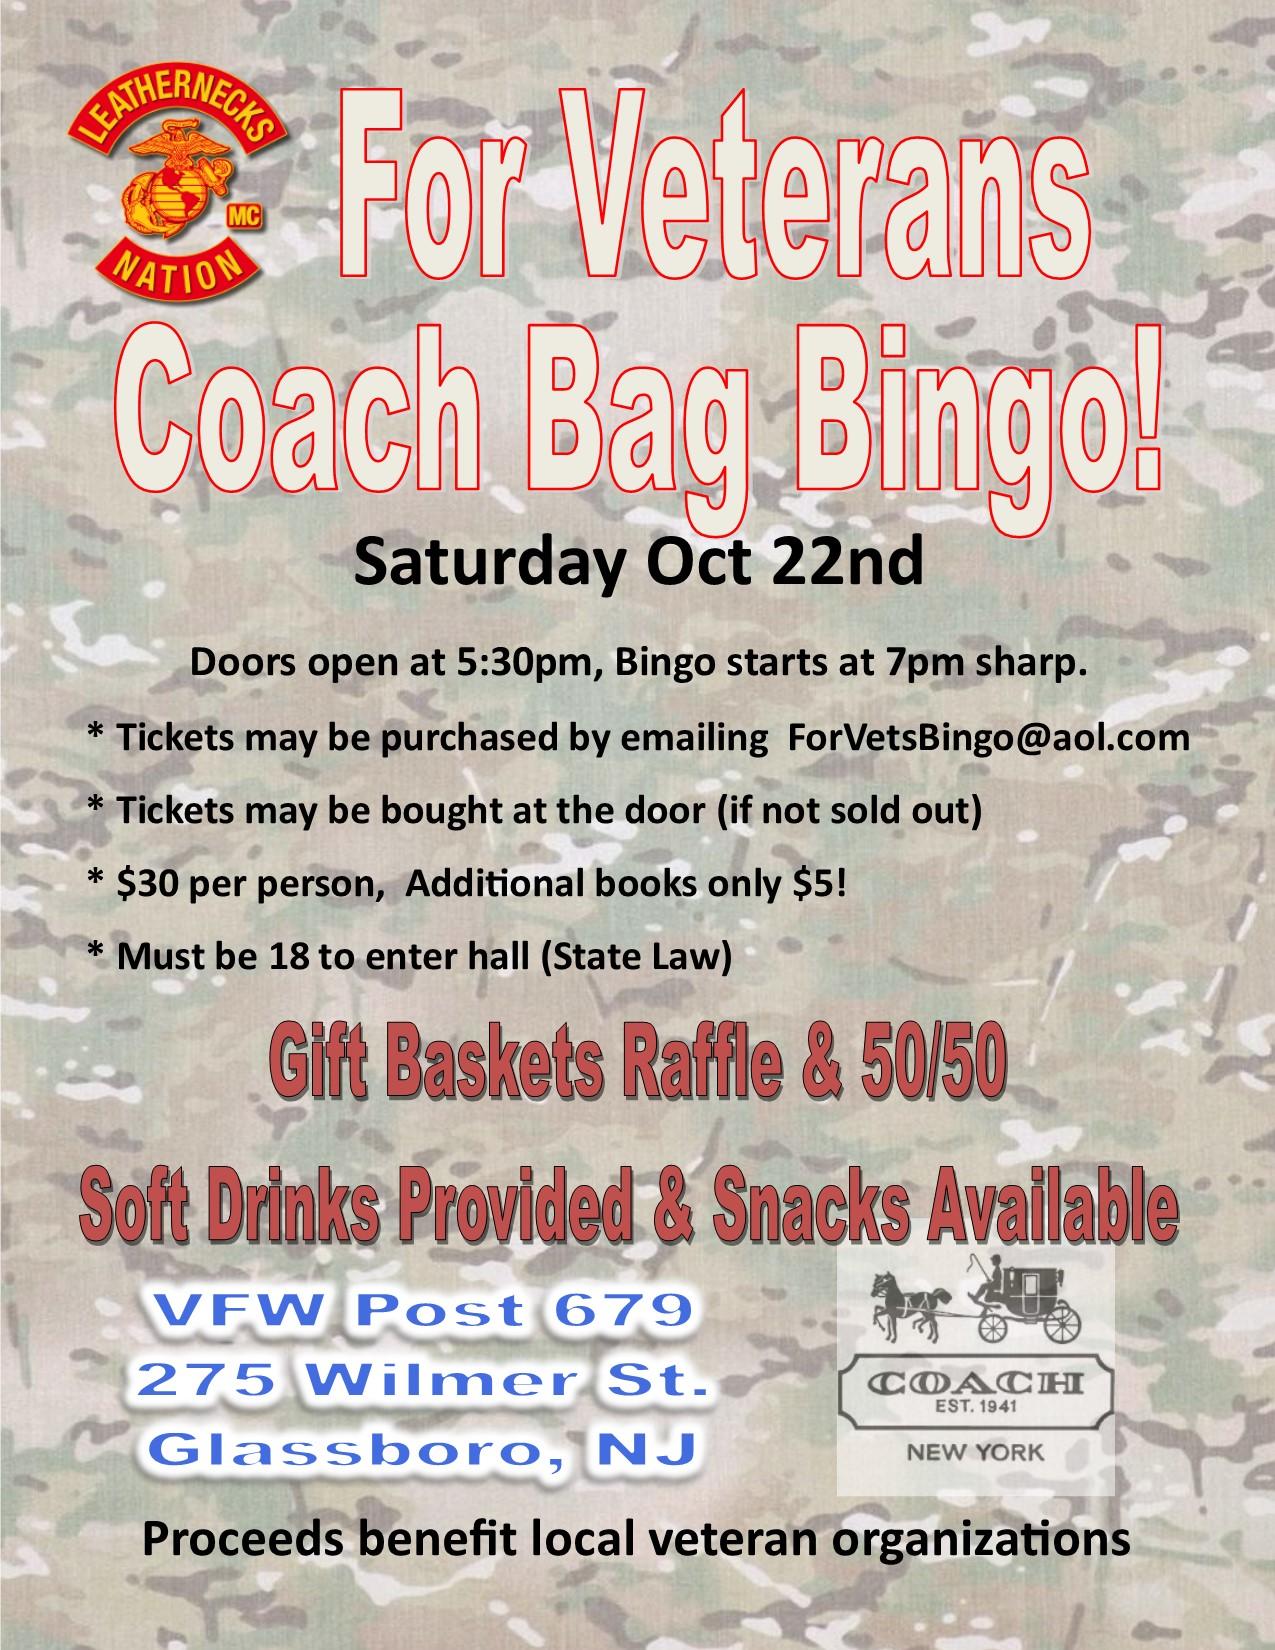 For Veterans Designer Bag Bingo